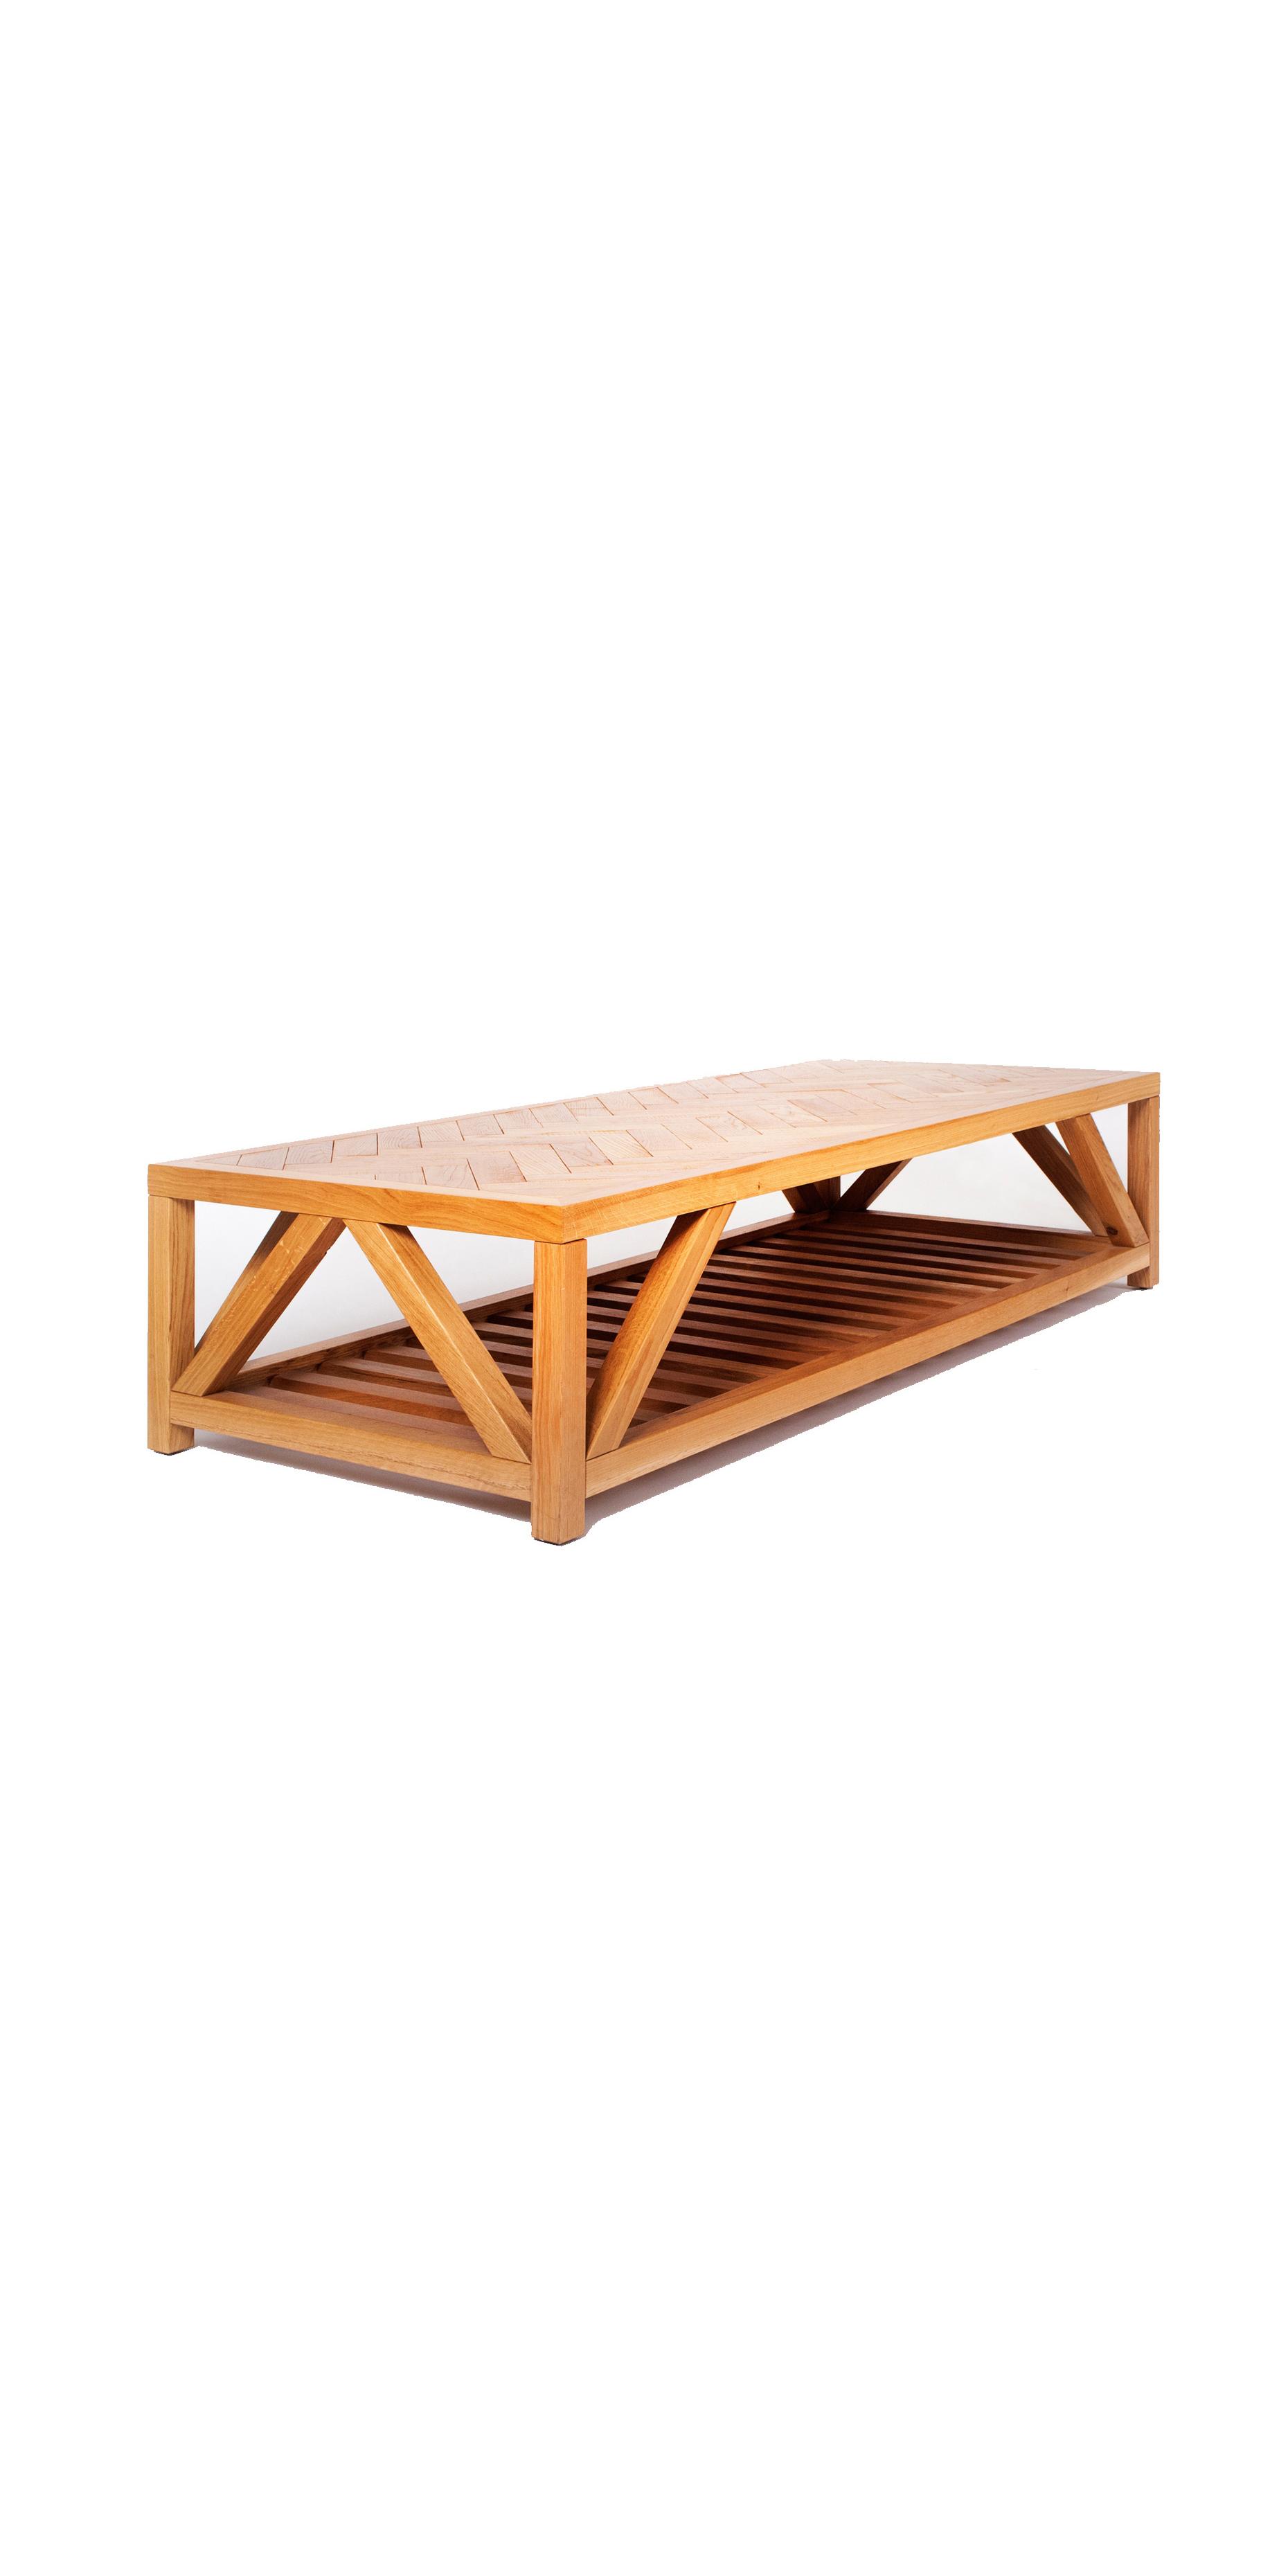 שולחן עץ אלון מלא משלב לוחות עץ בצורת פישבון